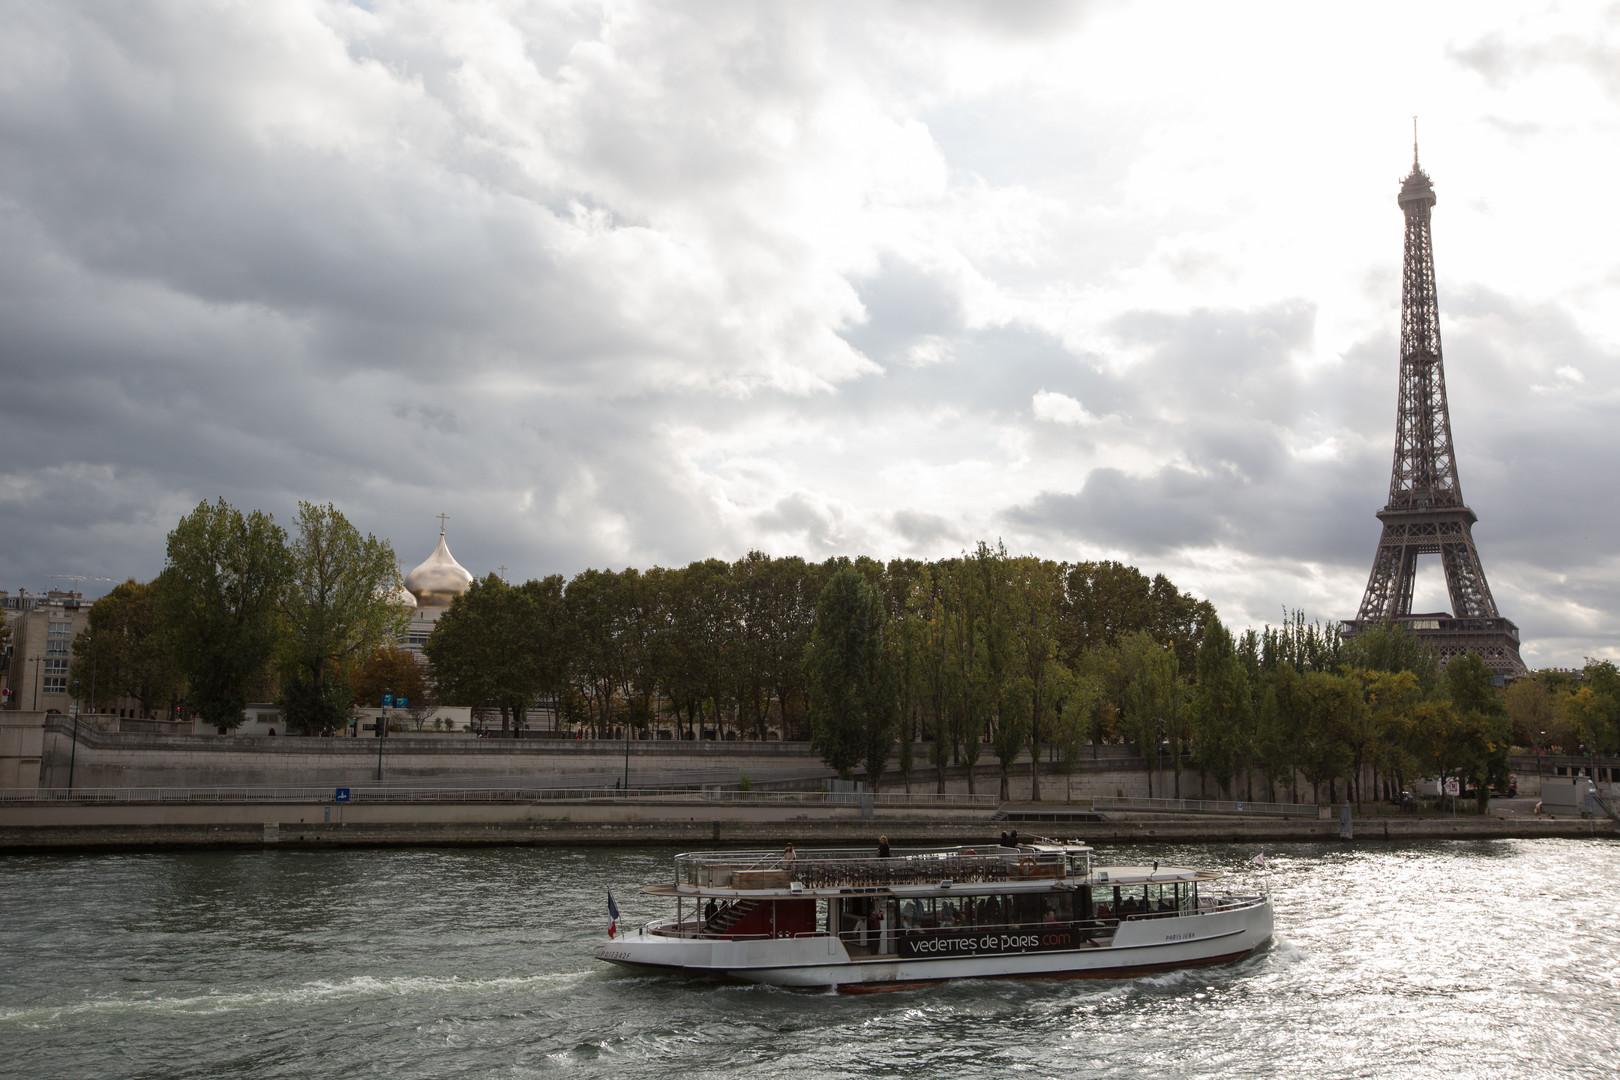 Das neue russisch-orthodoxe Religions- und Kulturzentrum in Paris, unweit des Eiffelturms.